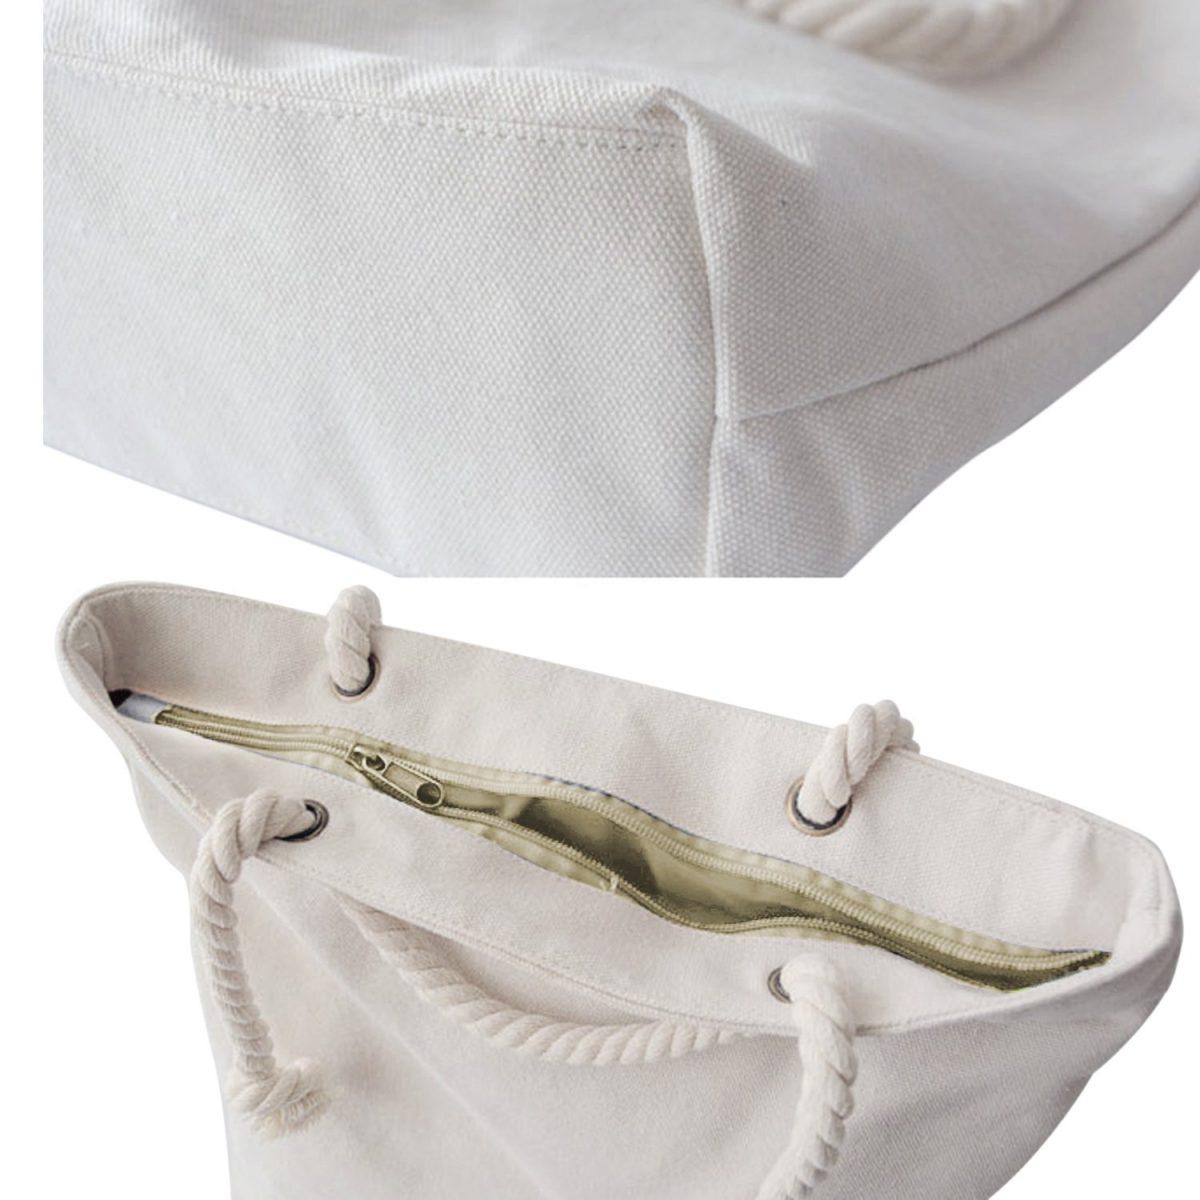 Modern Siyah Beyaz Altın Mermer Motifli Dijital Baskılı Fermuarlı Kumaş Çanta Realhomes